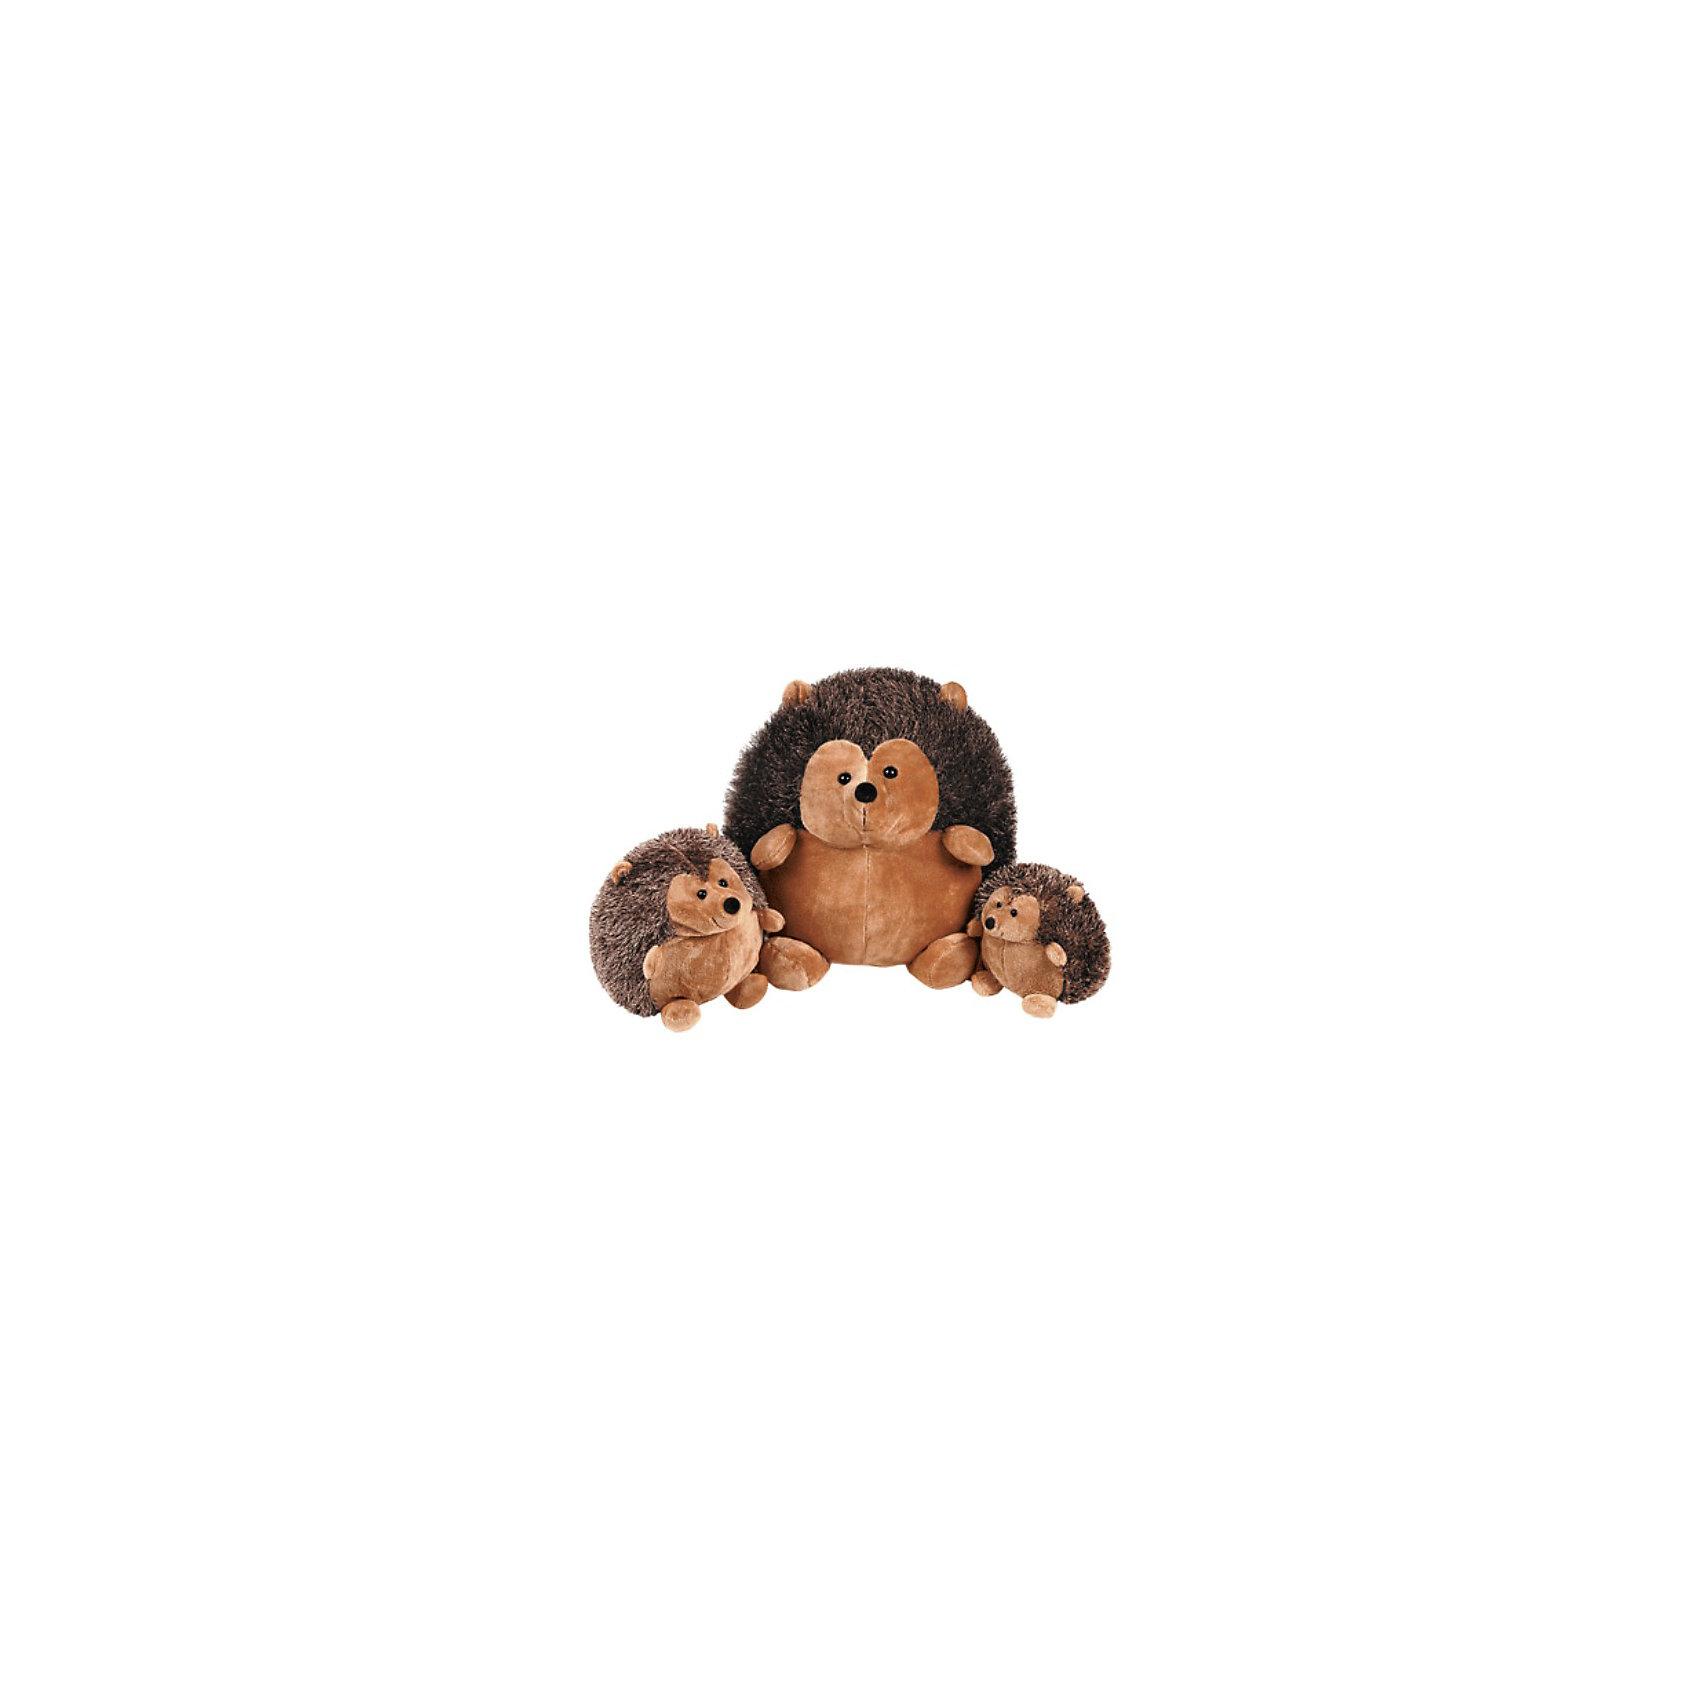 Ежик сидячий, 35 см, GulliverЗвери и птицы<br>Gulliver Ежик сидячий - красивый маленький ежик, очень похожий на настоящего обитателя леса.<br><br>Игрушка выполнена в нежно-коричневой гамме и очень приятна на ощупь.<br><br>Дополнительная информация:<br><br>- Размер игрушки: 35 см.<br>- Материал: плюш.<br><br>Внимание! При заказе Вы получите одну игрушку.<br><br>Ширина мм: 250<br>Глубина мм: 250<br>Высота мм: 430<br>Вес г: 150<br>Возраст от месяцев: 36<br>Возраст до месяцев: 84<br>Пол: Унисекс<br>Возраст: Детский<br>SKU: 2148701